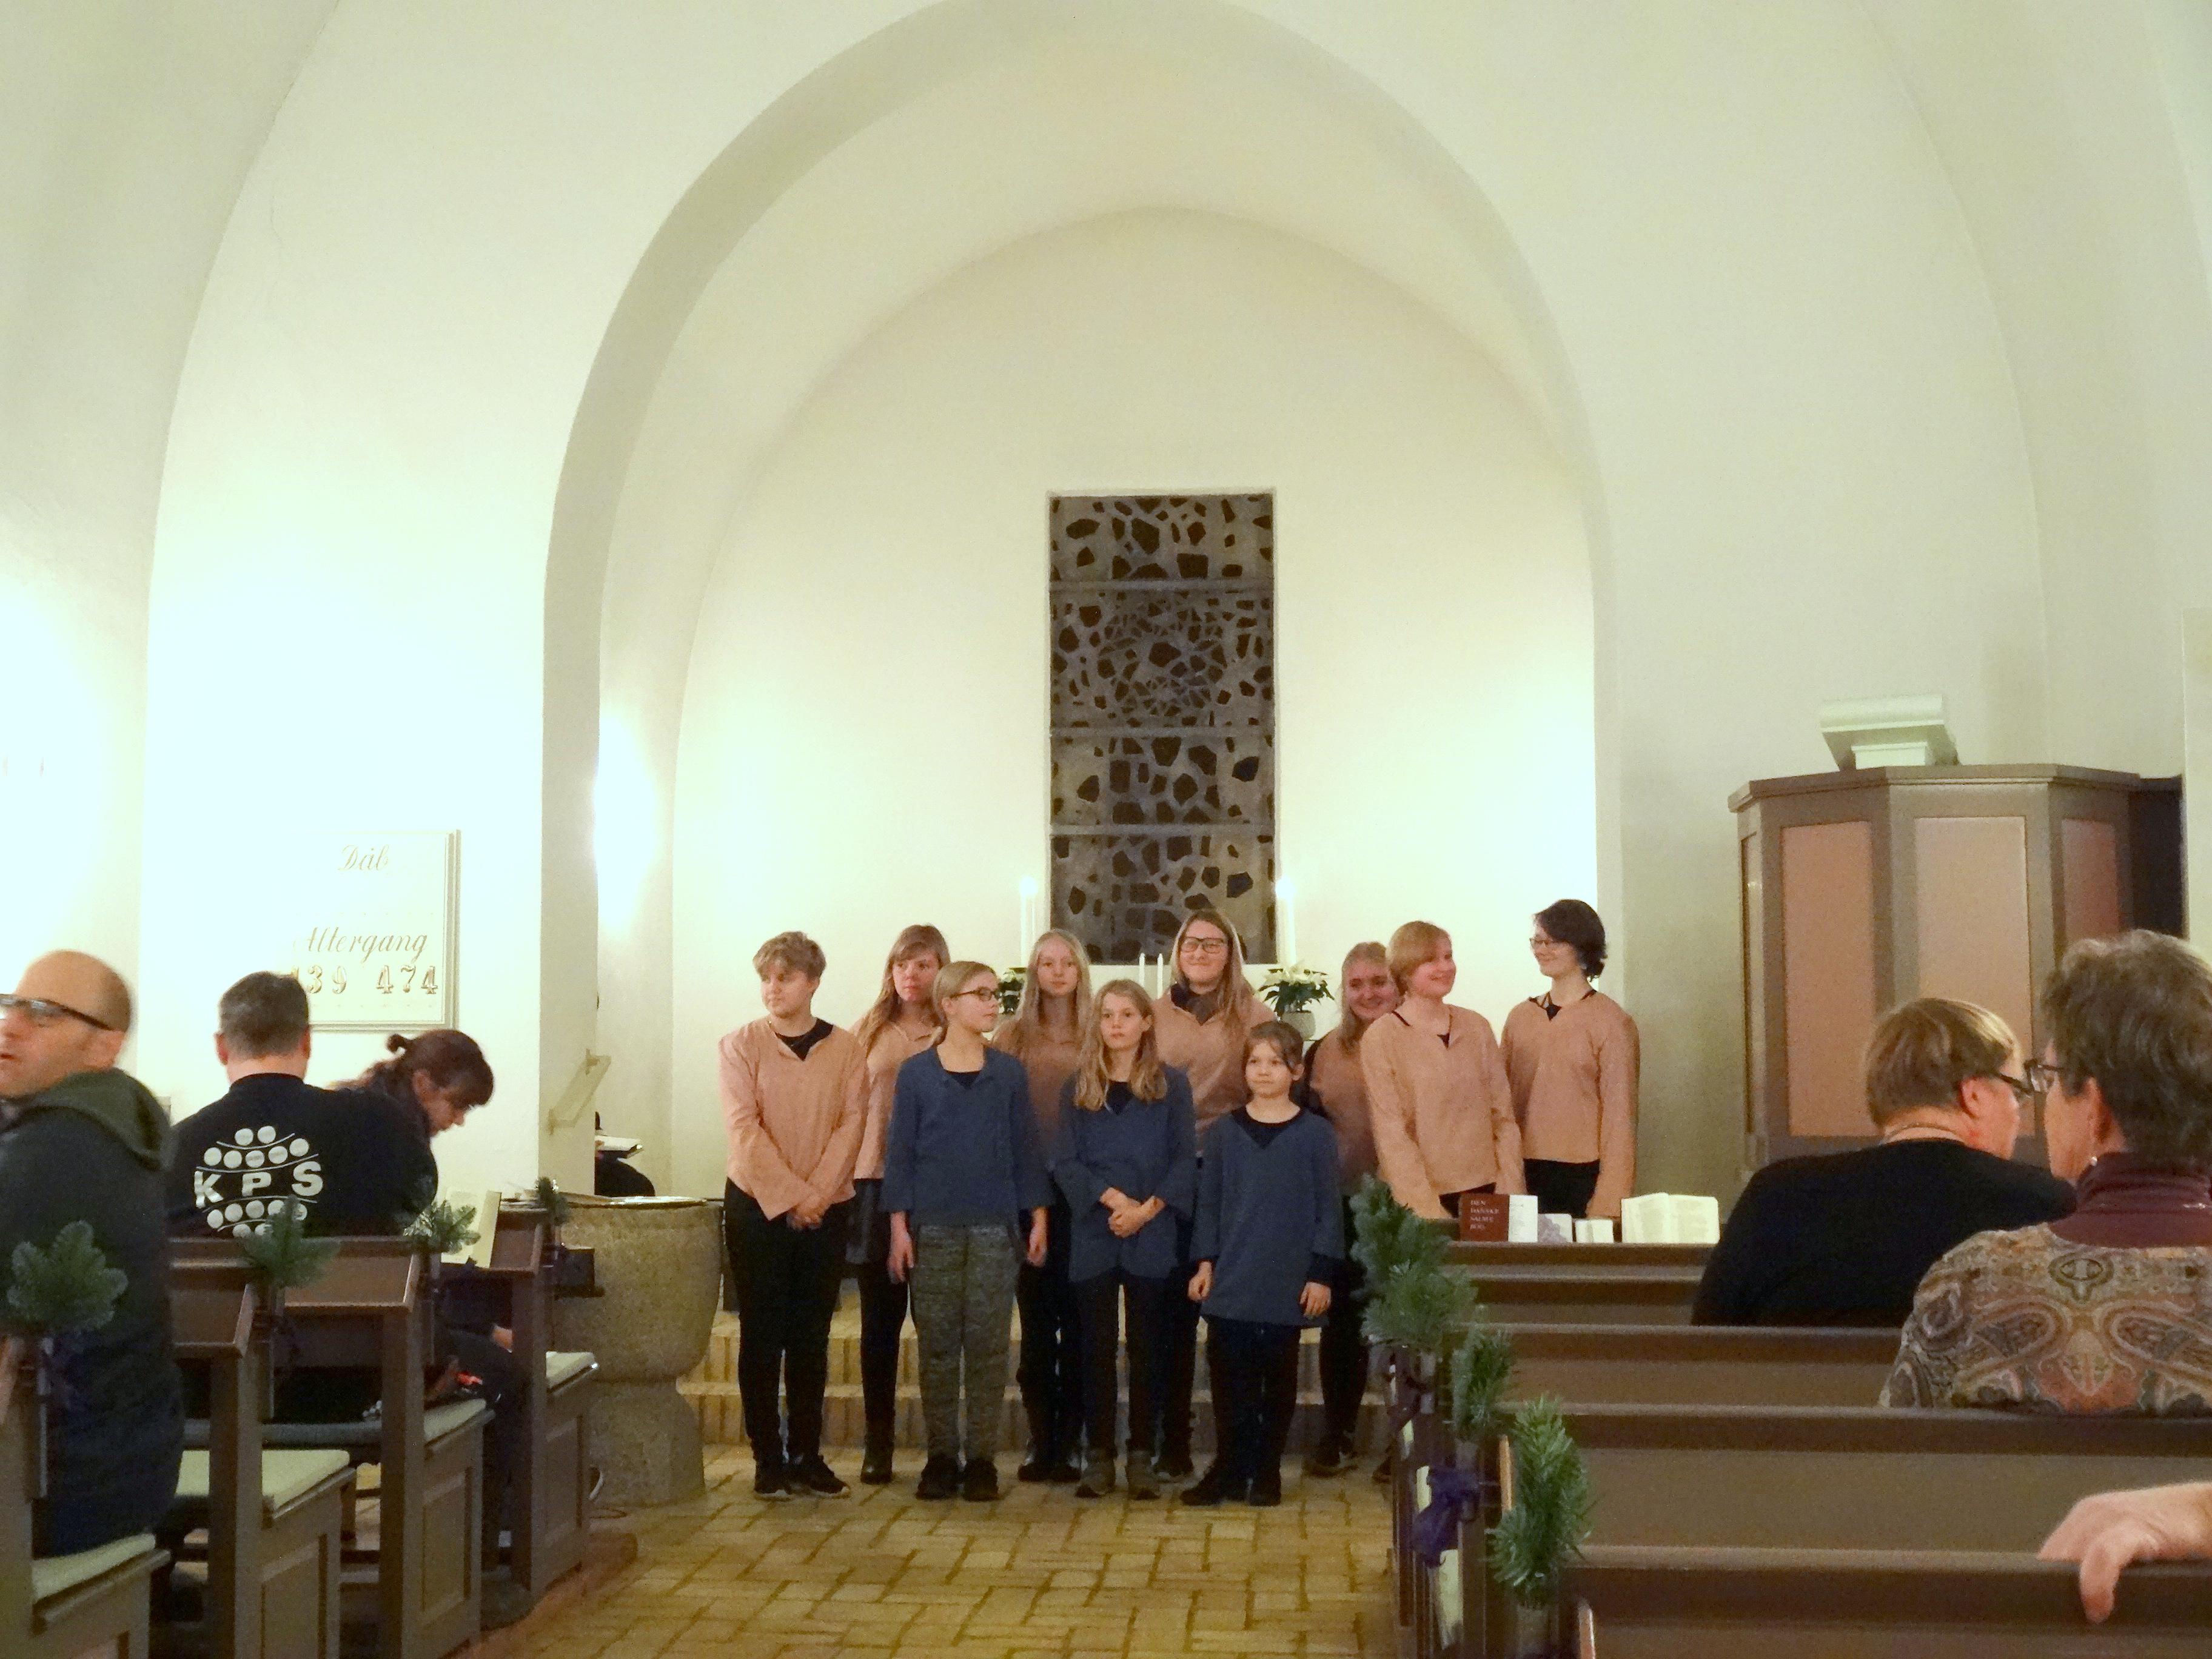 Bregninge-Bjergsted Børne- og ungdomskor medvirkede på smukkeste vis under ledelse af Heidi Montan Foto: F.P.